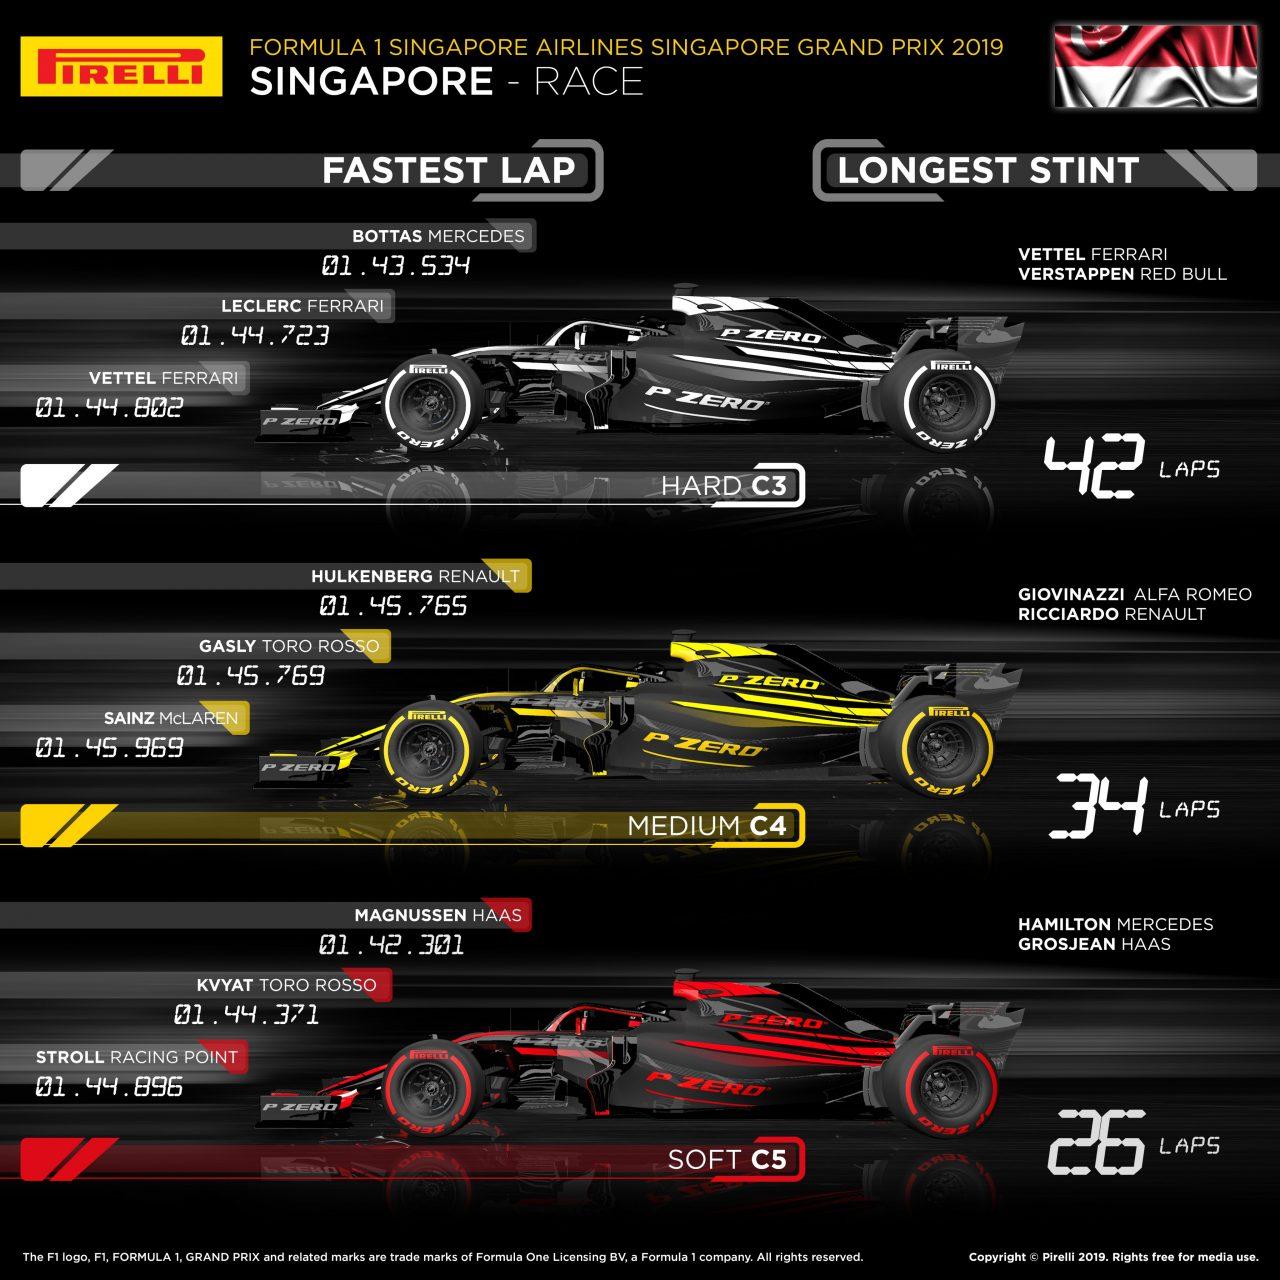 ピレリ「シンガポールではセーフティカー導入を想定したタイヤマネジメントが必須要素」